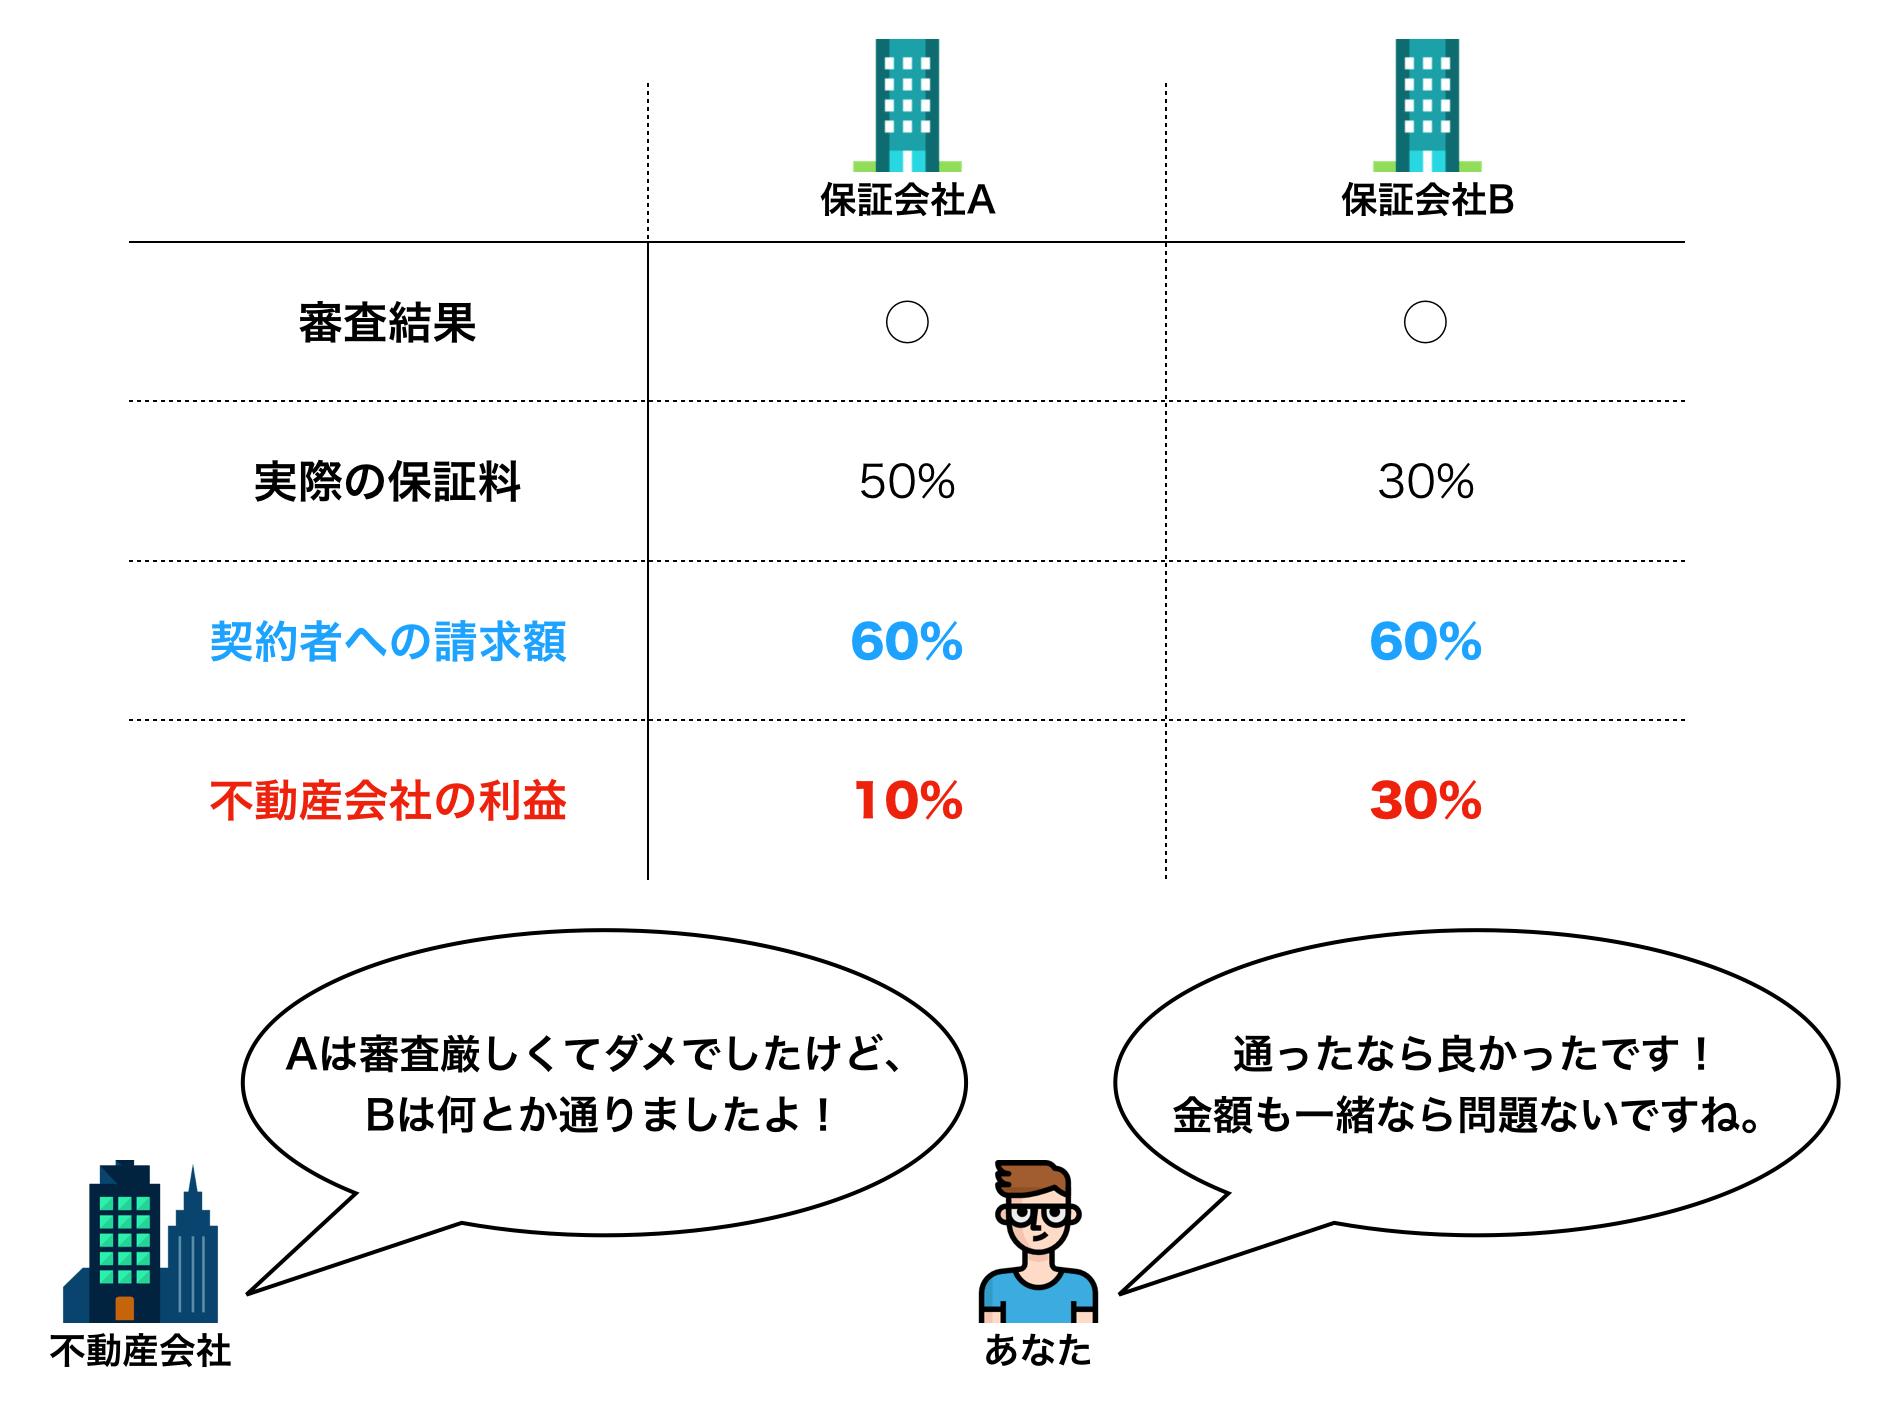 保証会社の結果を伝えるイメージ図